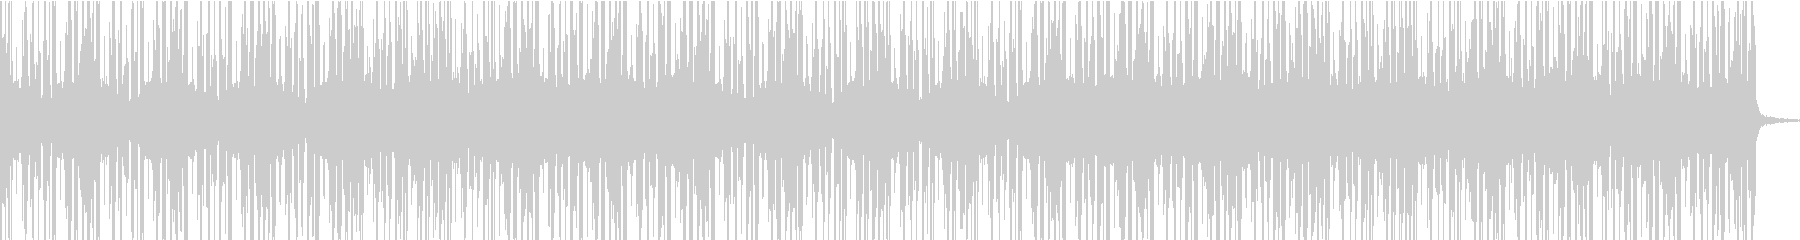 レトロな雰囲気のチルウェイブの未再生の波形